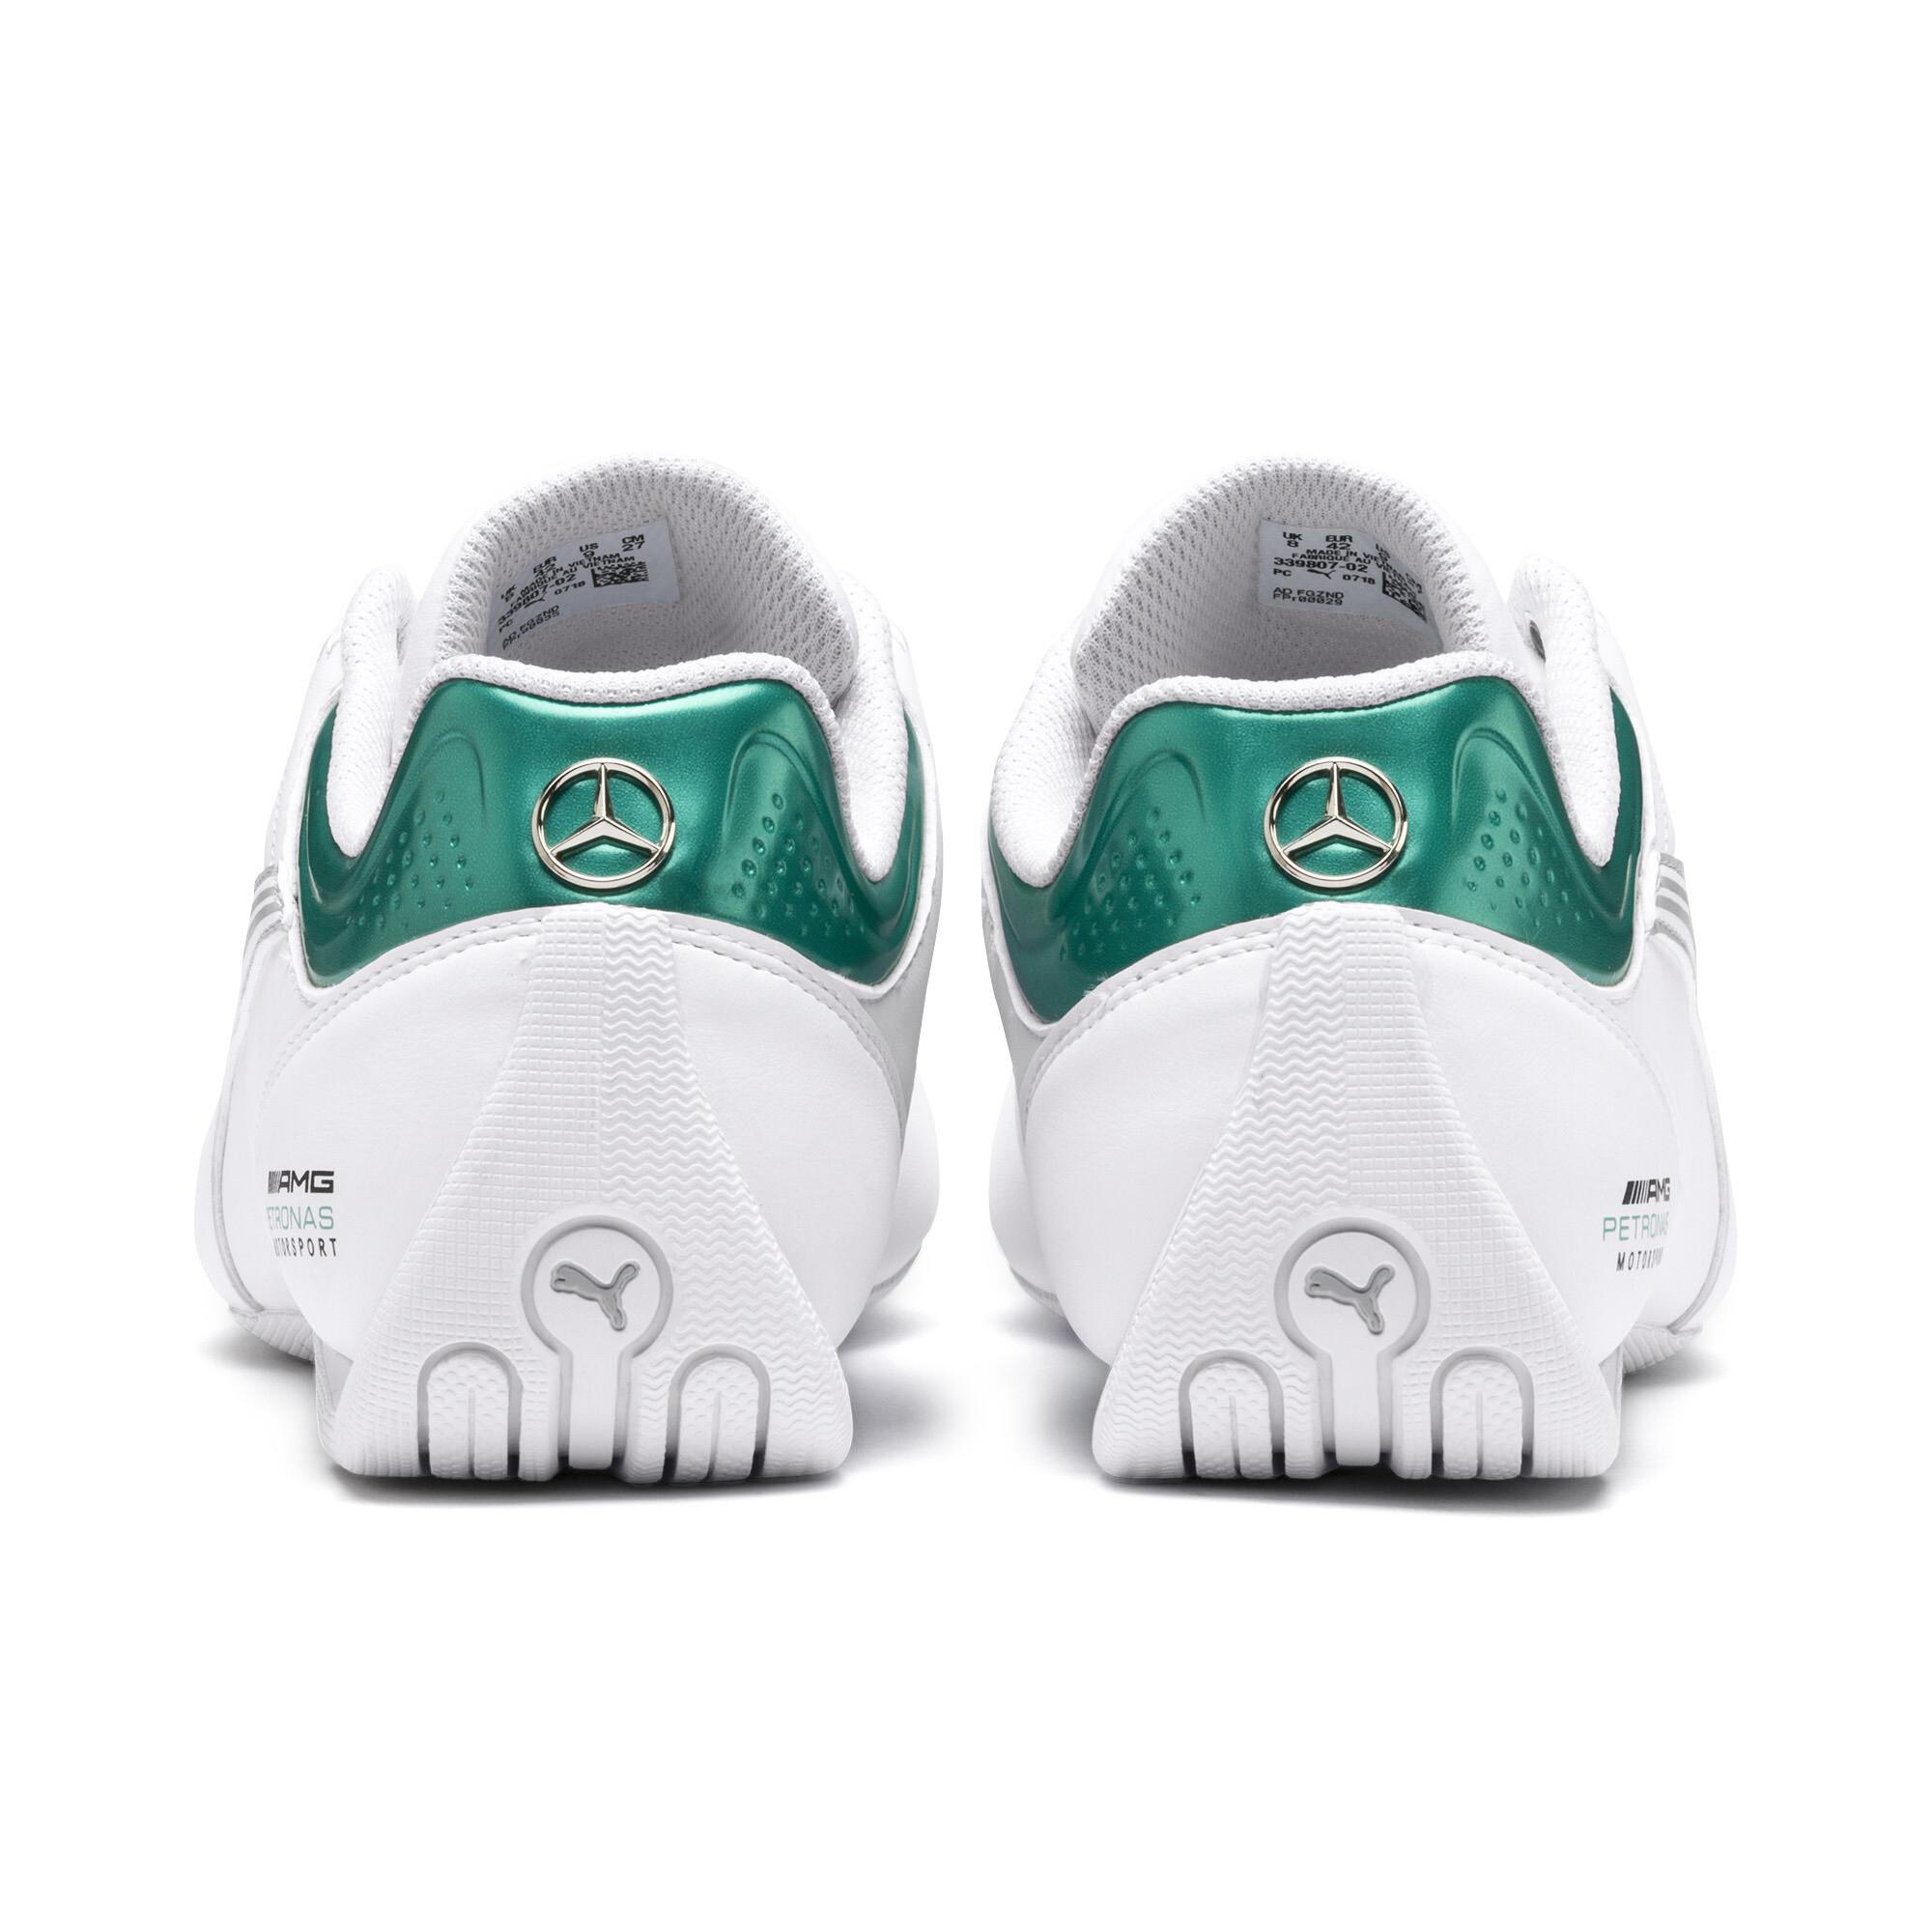 Details about PUMA Men's Mercedes AMG Petronas Future Kart Cat Shoes